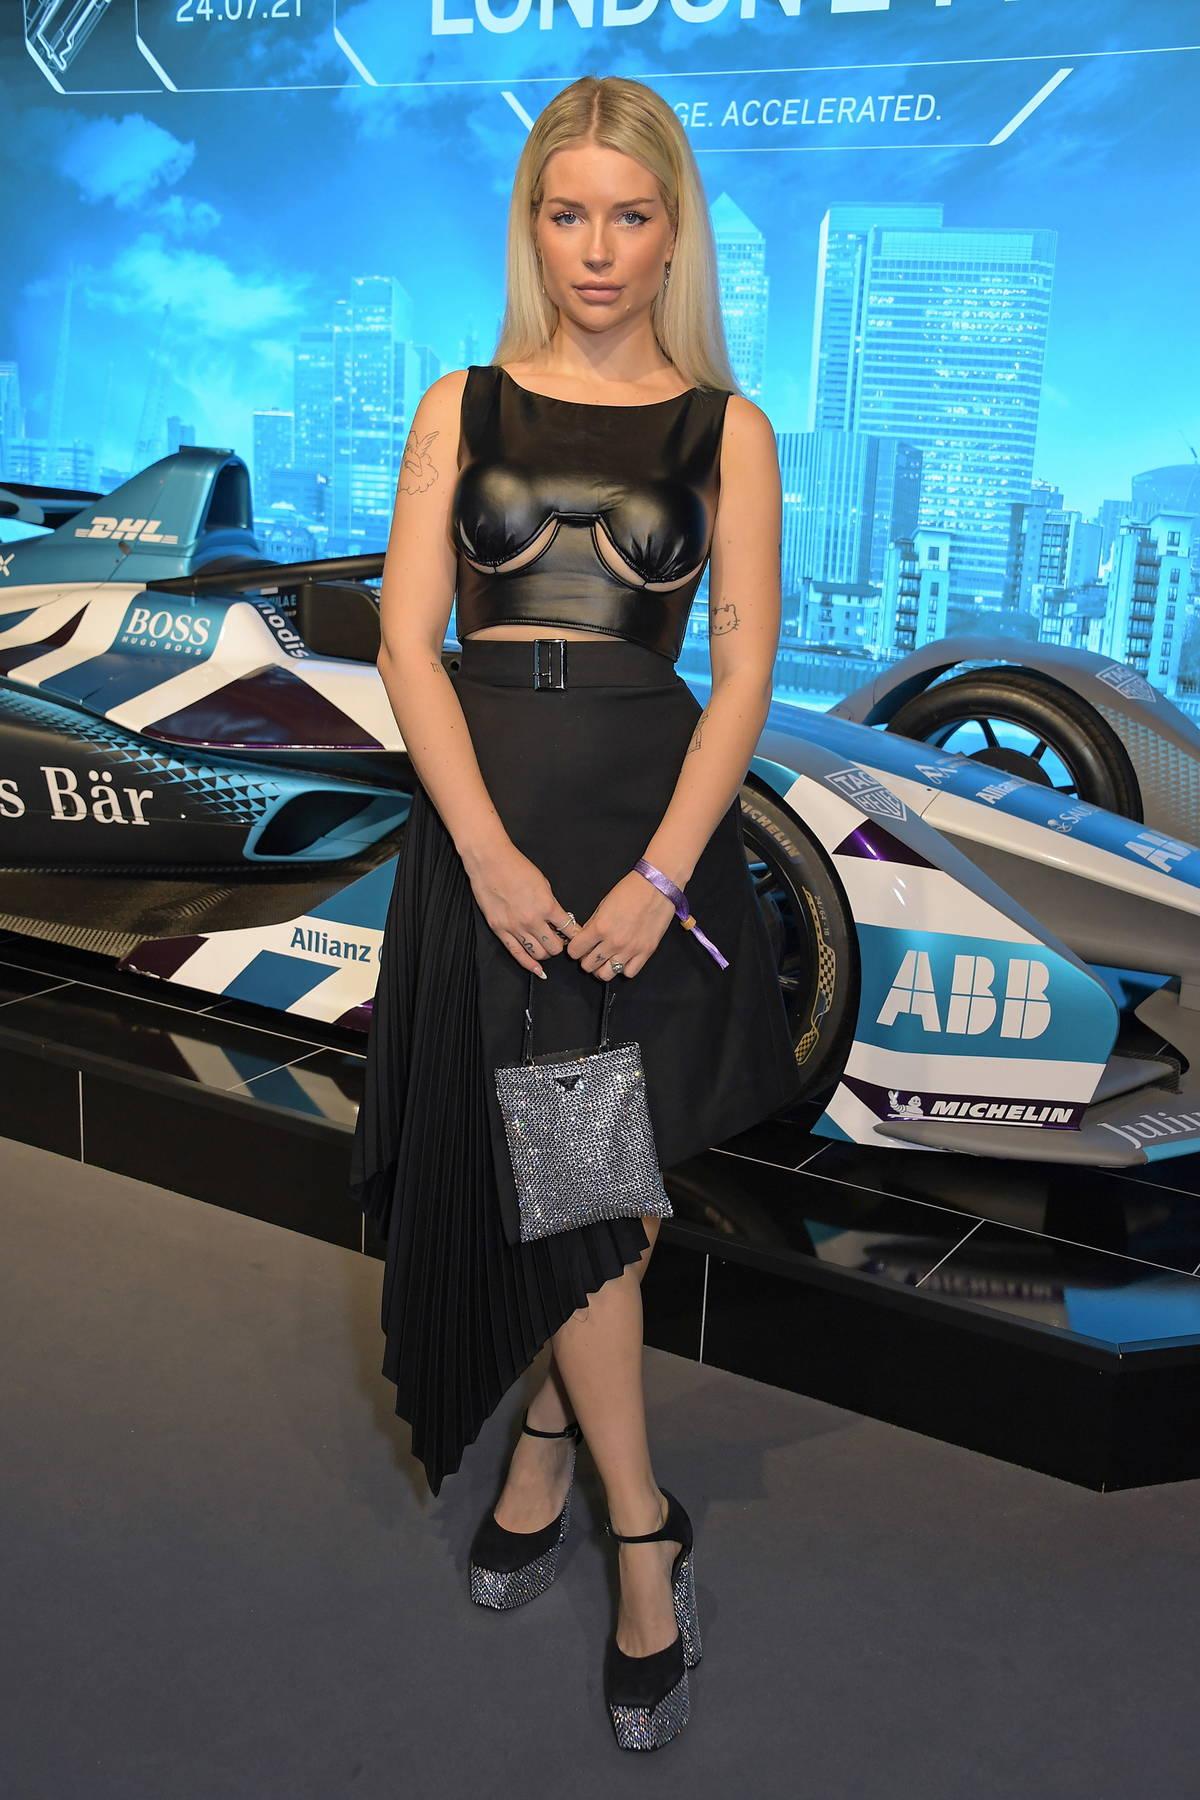 Lottie Moss attends the ABB FIA Formula E Heineken London E-Prix, Day 2 at ExCel in London, UK